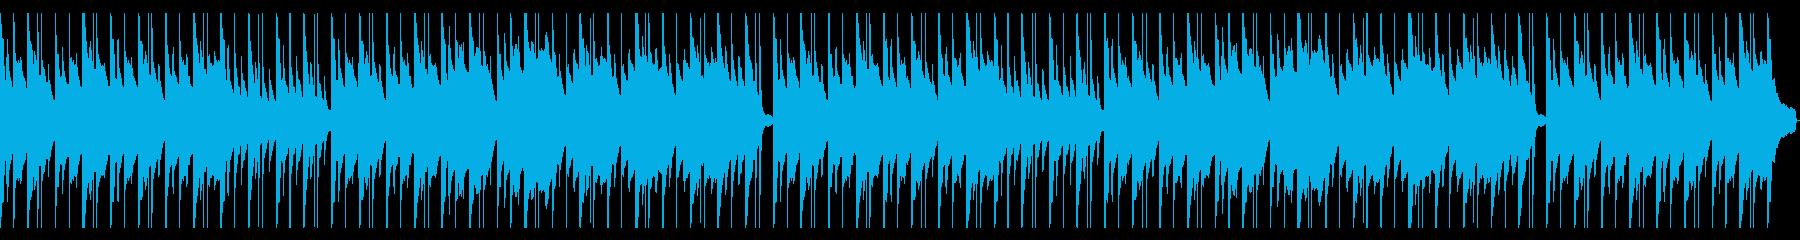 夕暮れ/動物/ピアノ/眠る/ハープ/柔軟の再生済みの波形